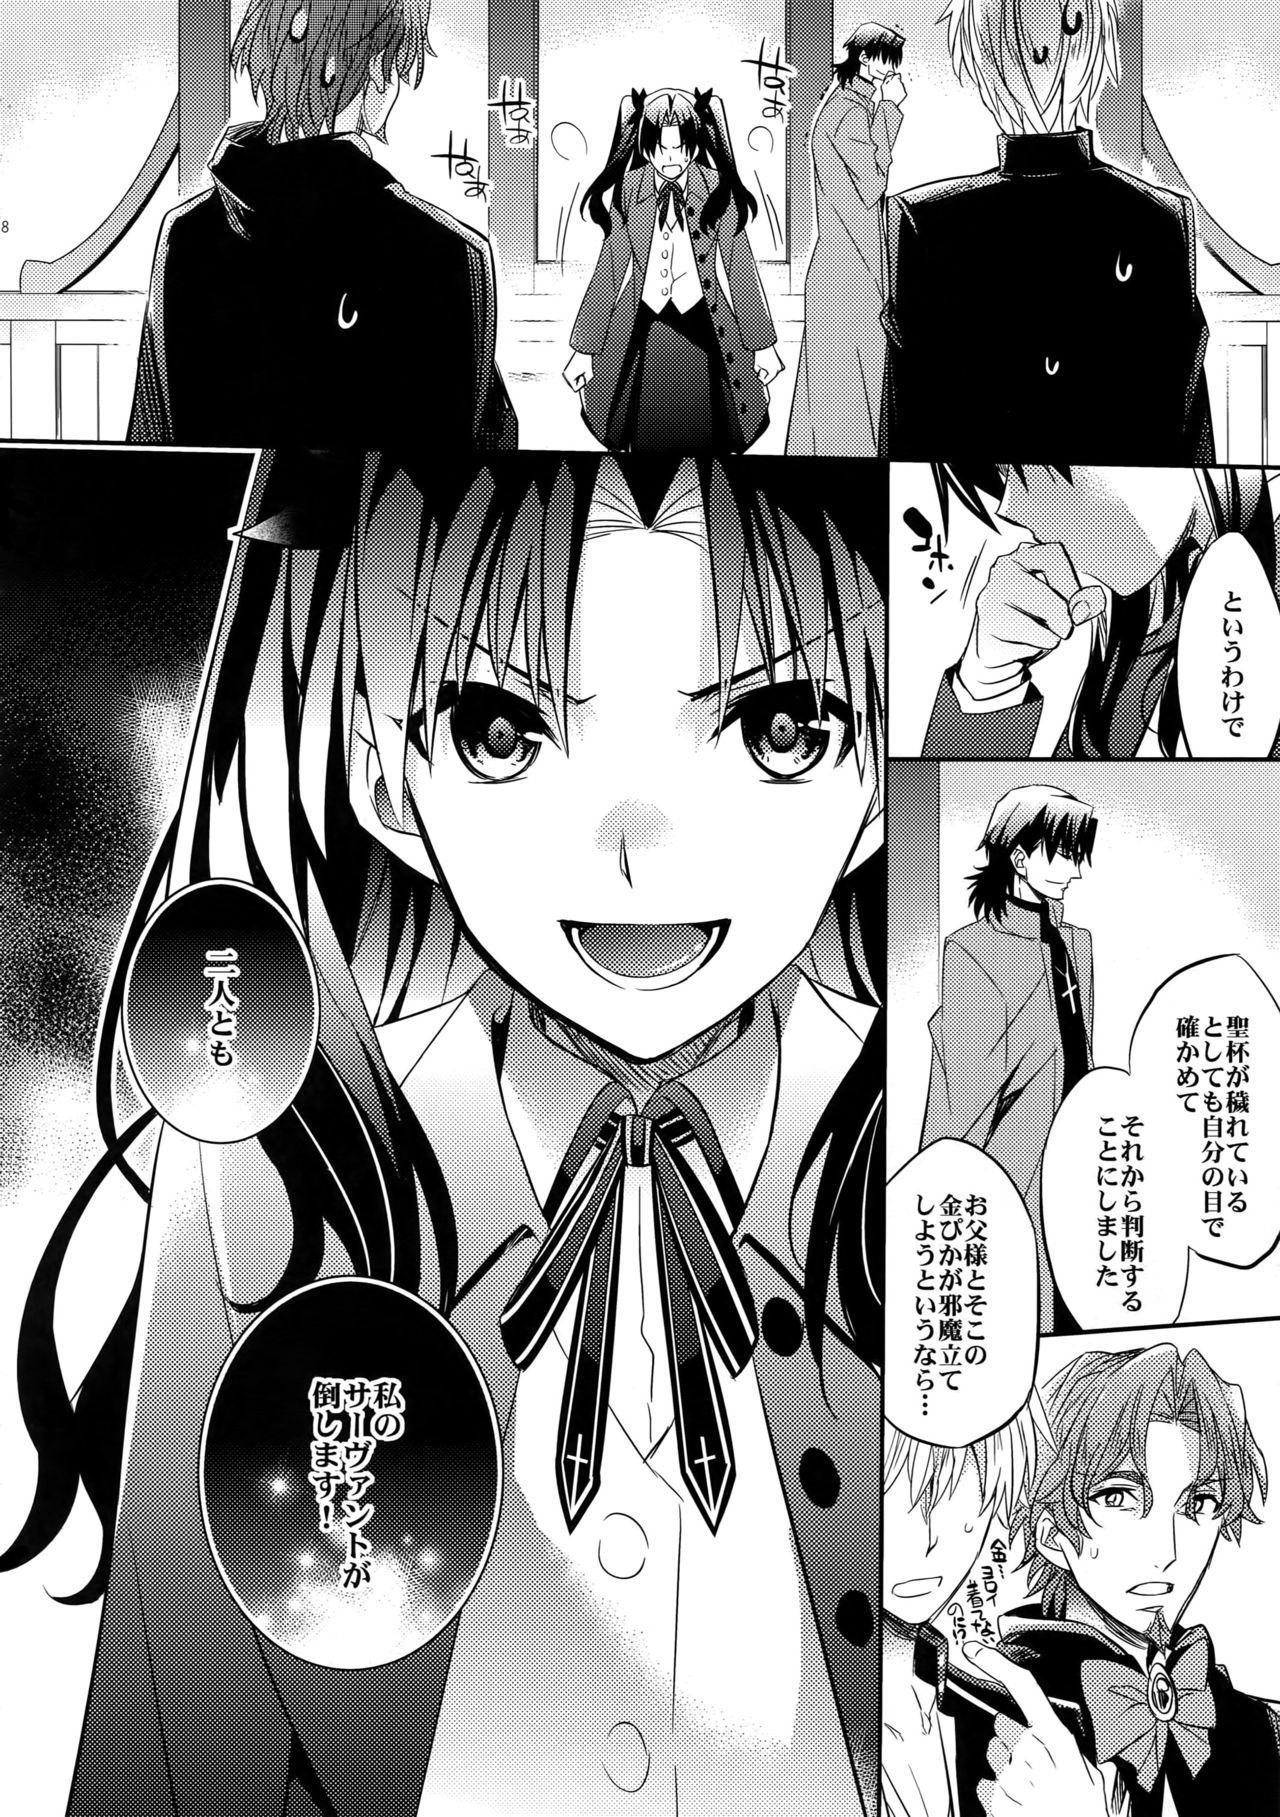 Aru Daikousha no Shuki 2 15